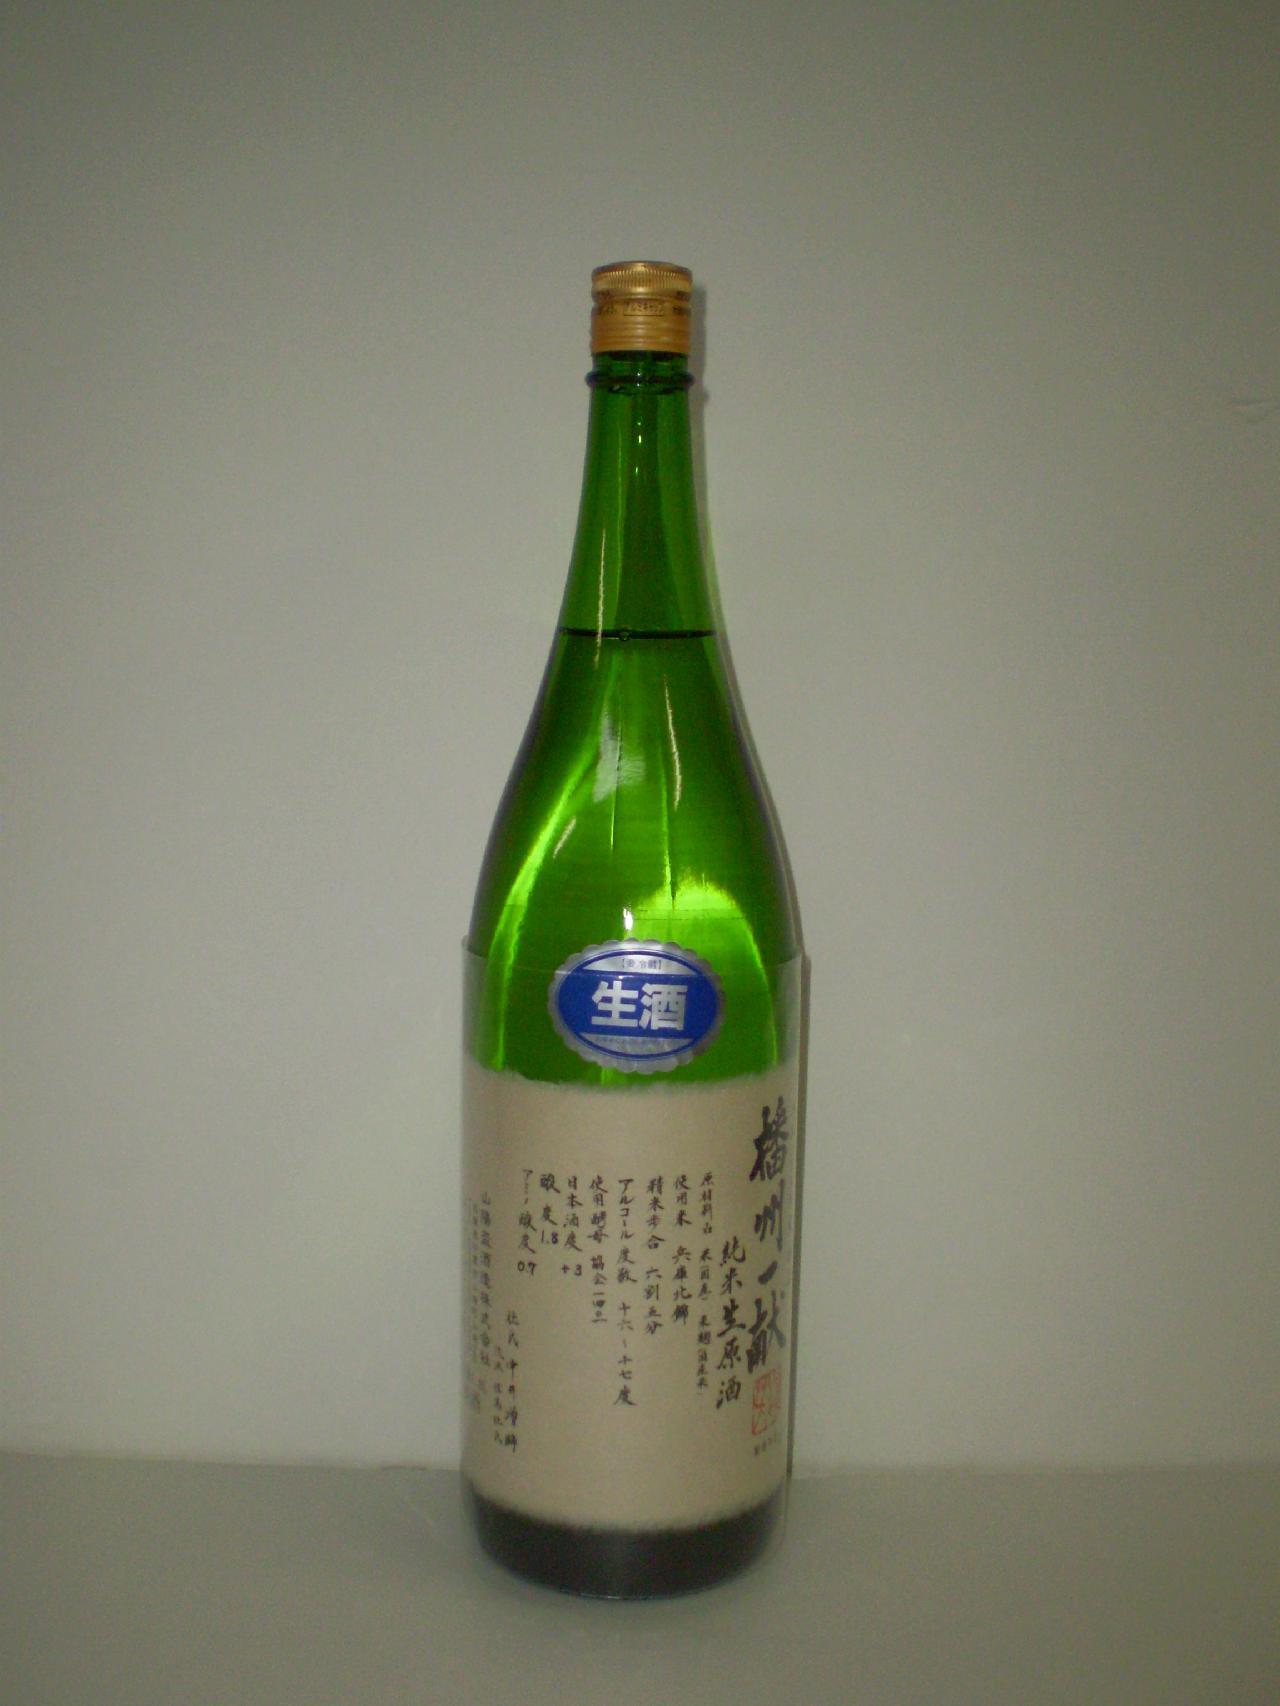 播州一献 純米生原酒 1800ml 山陽盃酒造